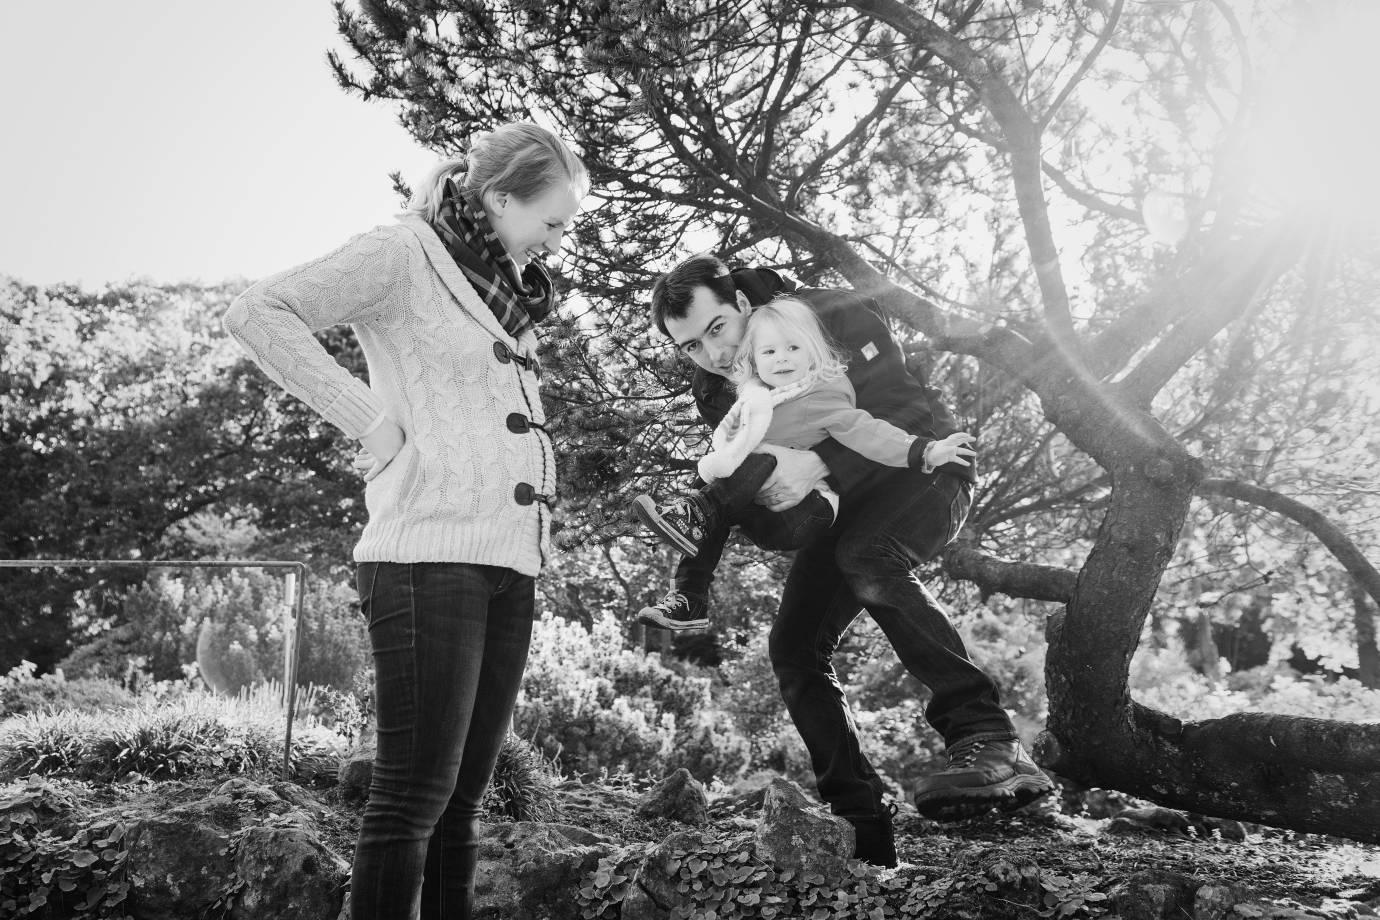 familienfotos bremen 10 - Familienfotos von Juliane+Jan